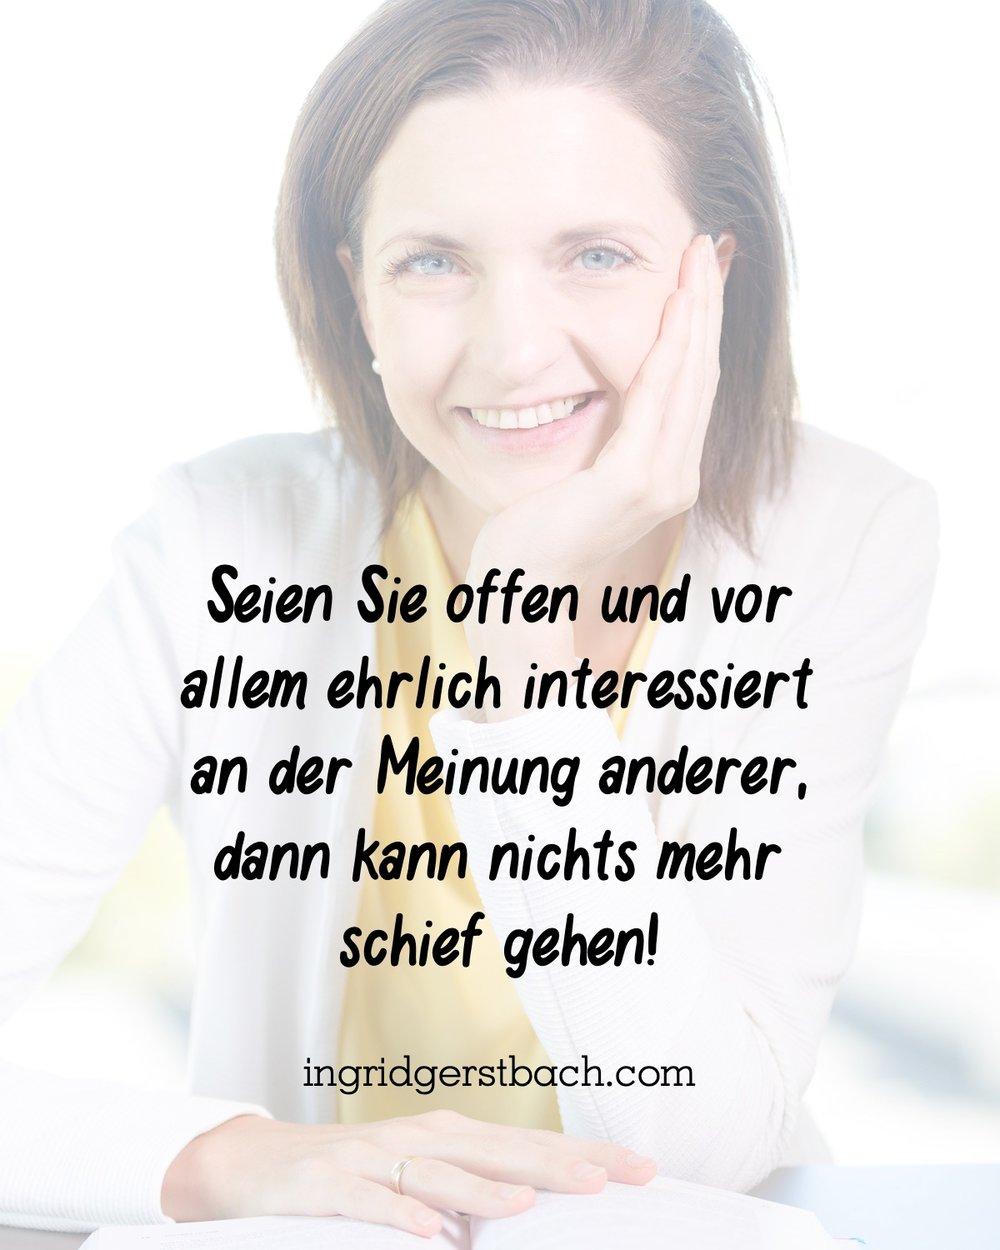 Ingrid-Gerstbach-Offen-und-ehrlich.jpg